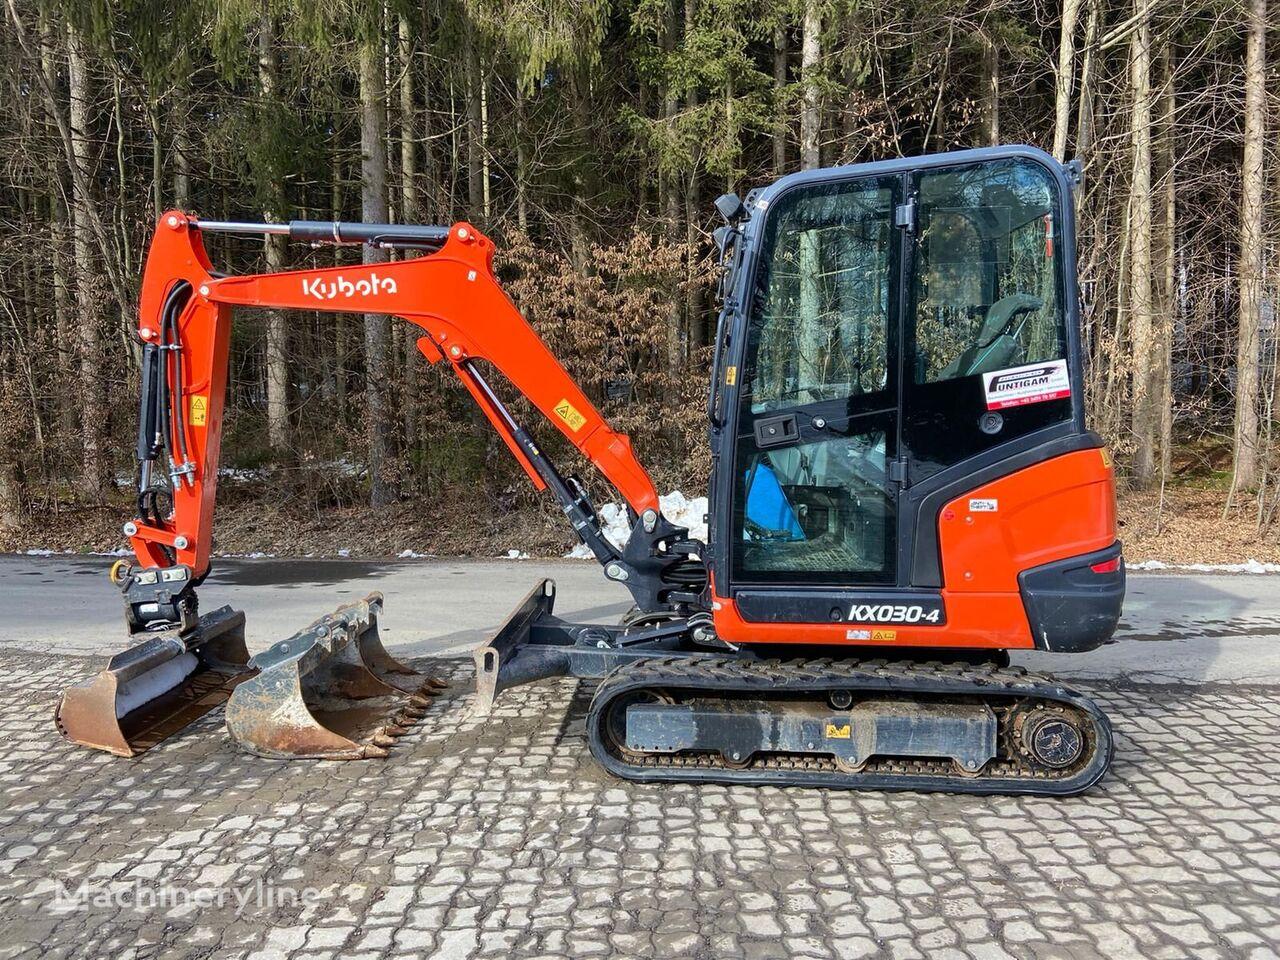 KUBOTA KX 030-4 mini excavator